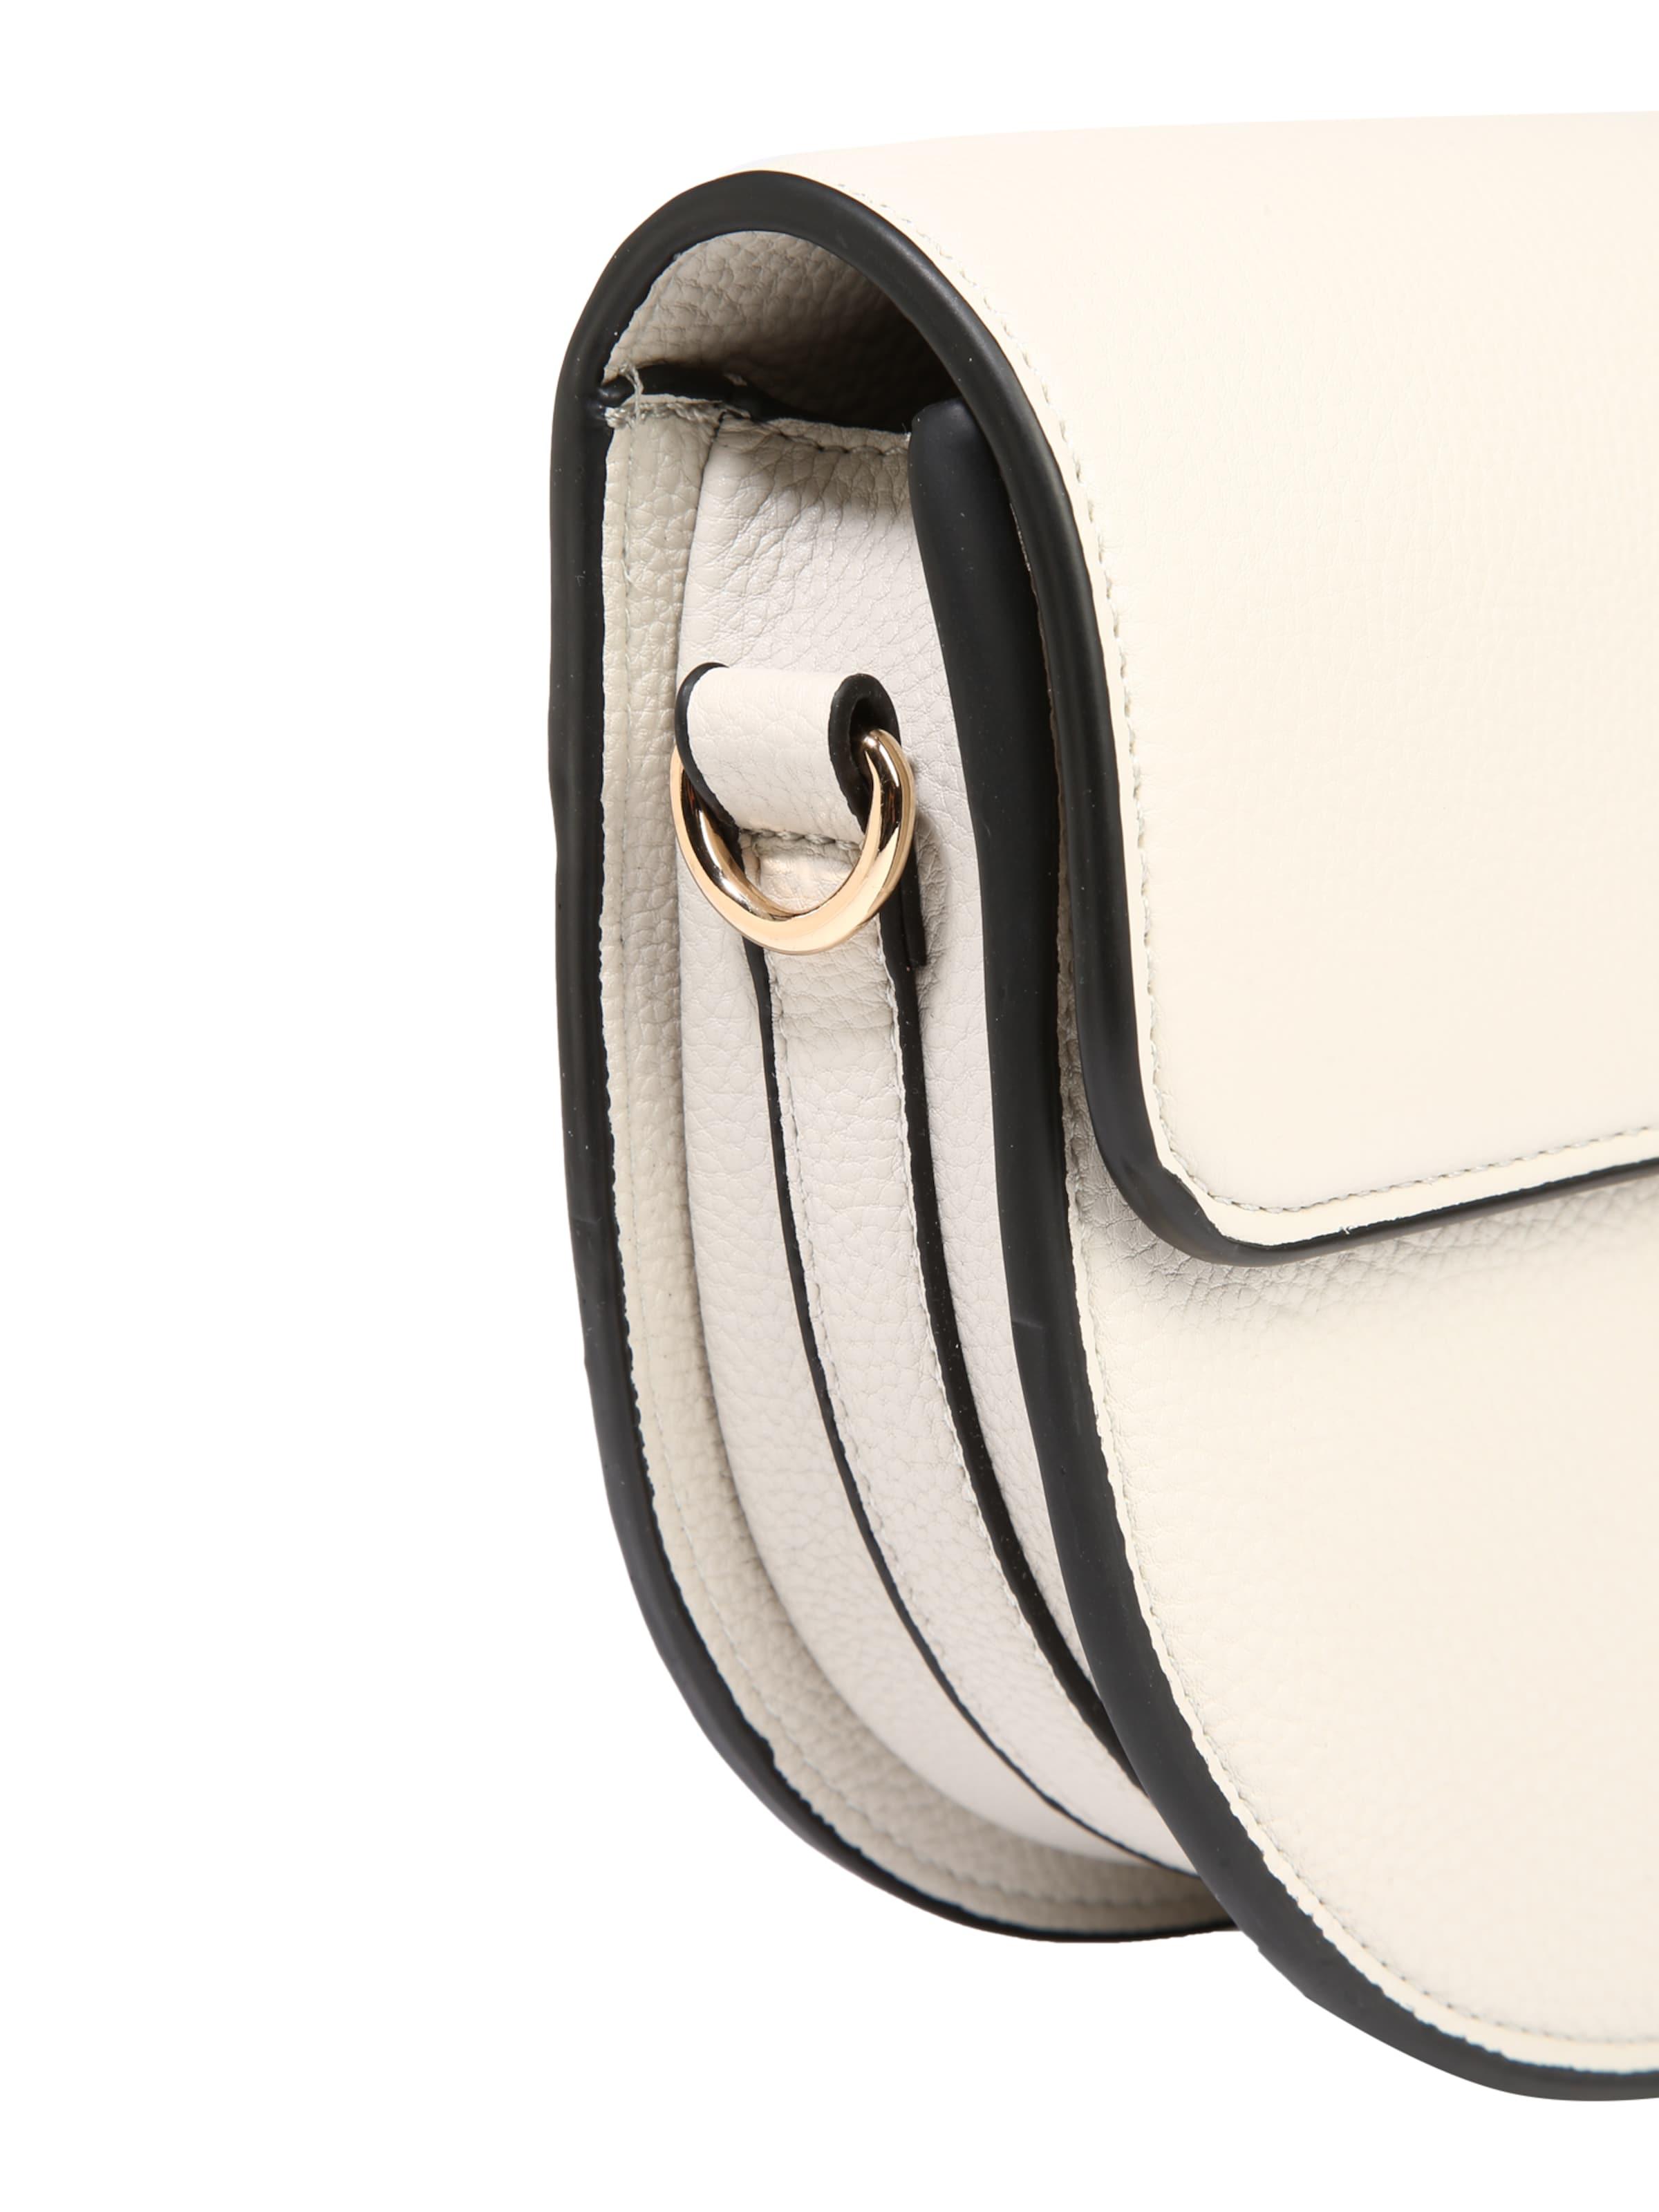 Spielraum Wählen Eine Beste Echte Online LYDC London Umhängetasche im Satteltaschen-Look Manchester Großer Verkauf Verkauf Vorbestellung jbtBd64